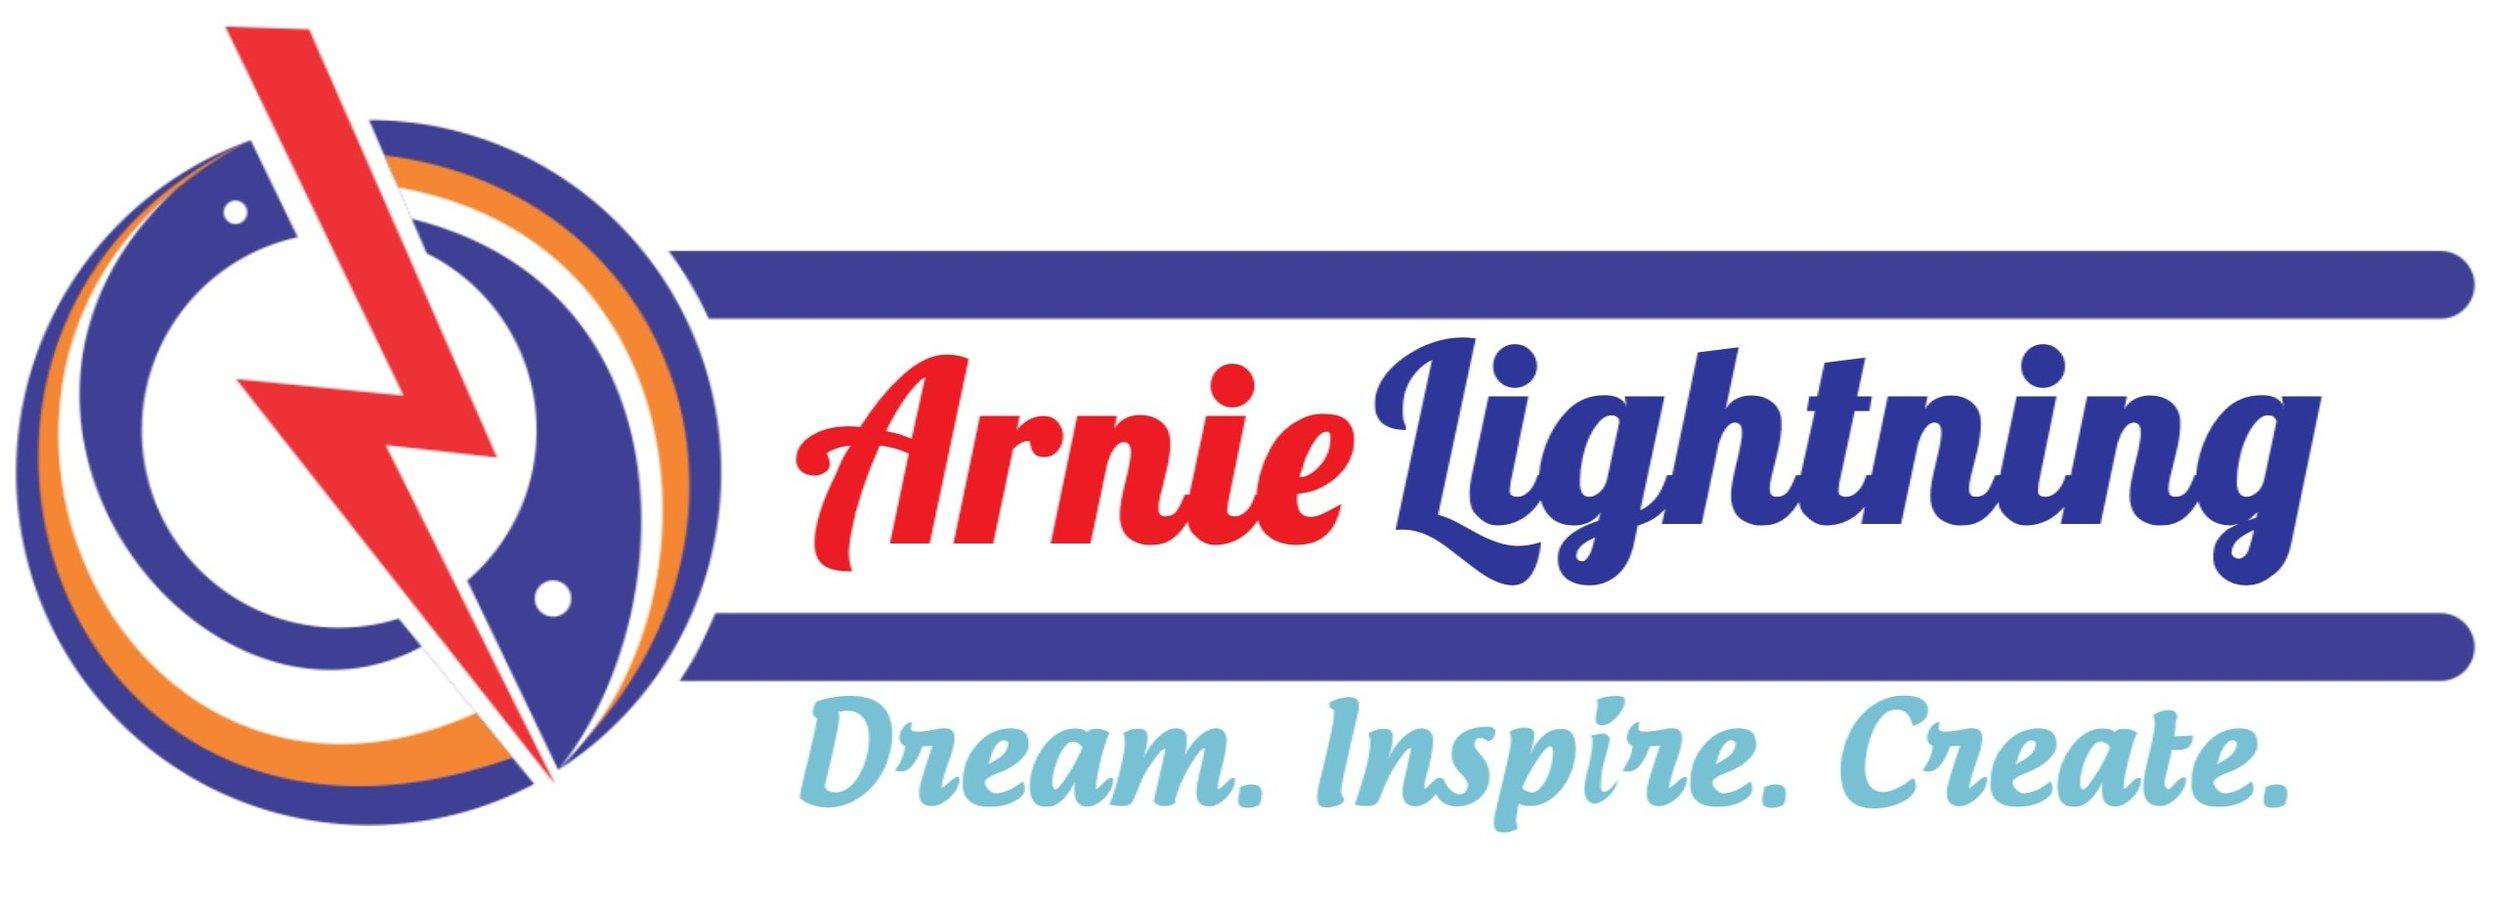 Arnie logo.jpeg